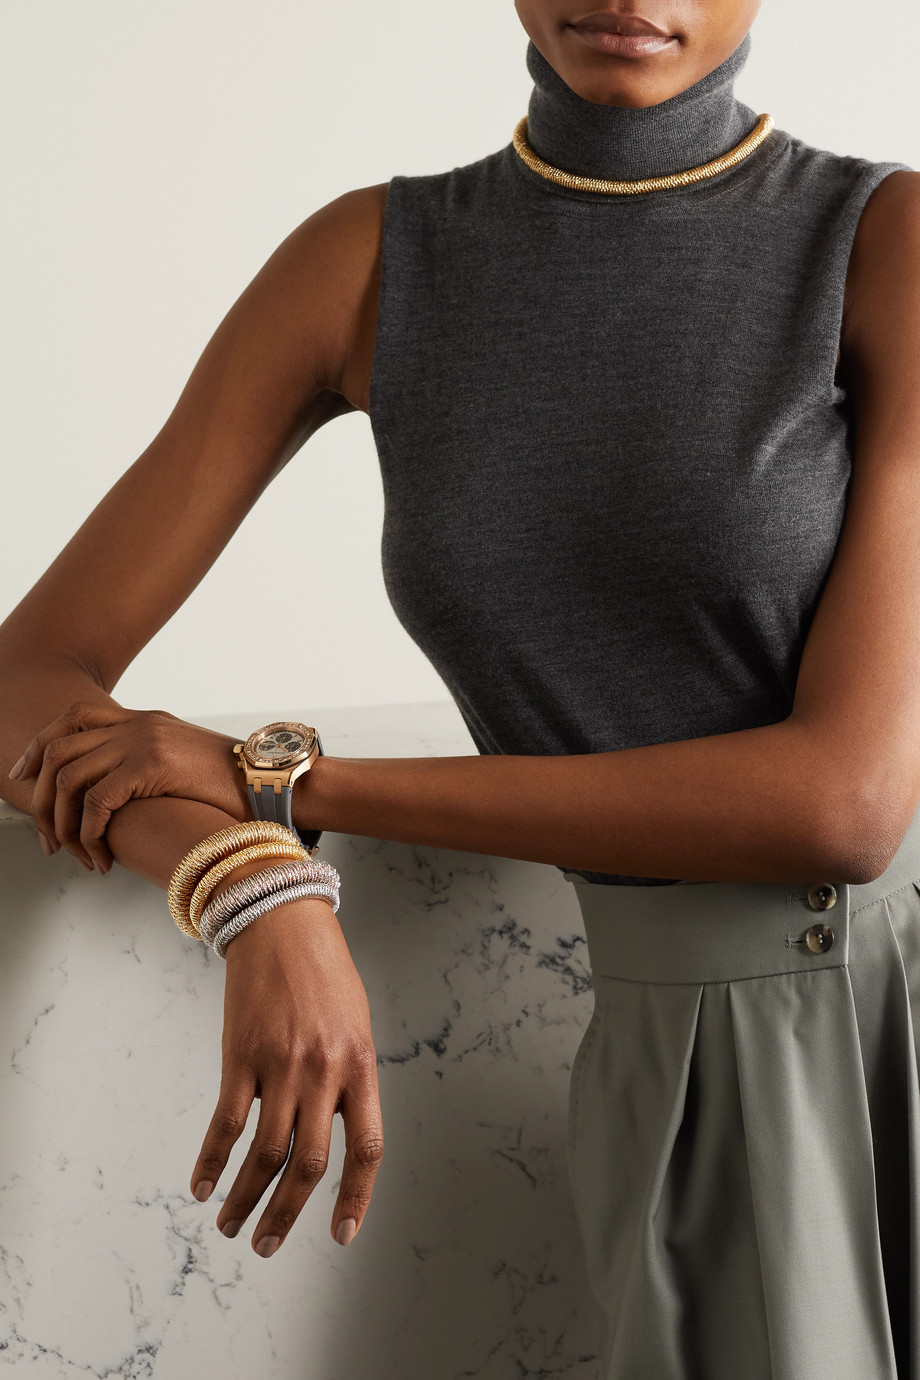 Carolina Bucci K.I.S.S. Large 18-karat yellow and white gold bracelet